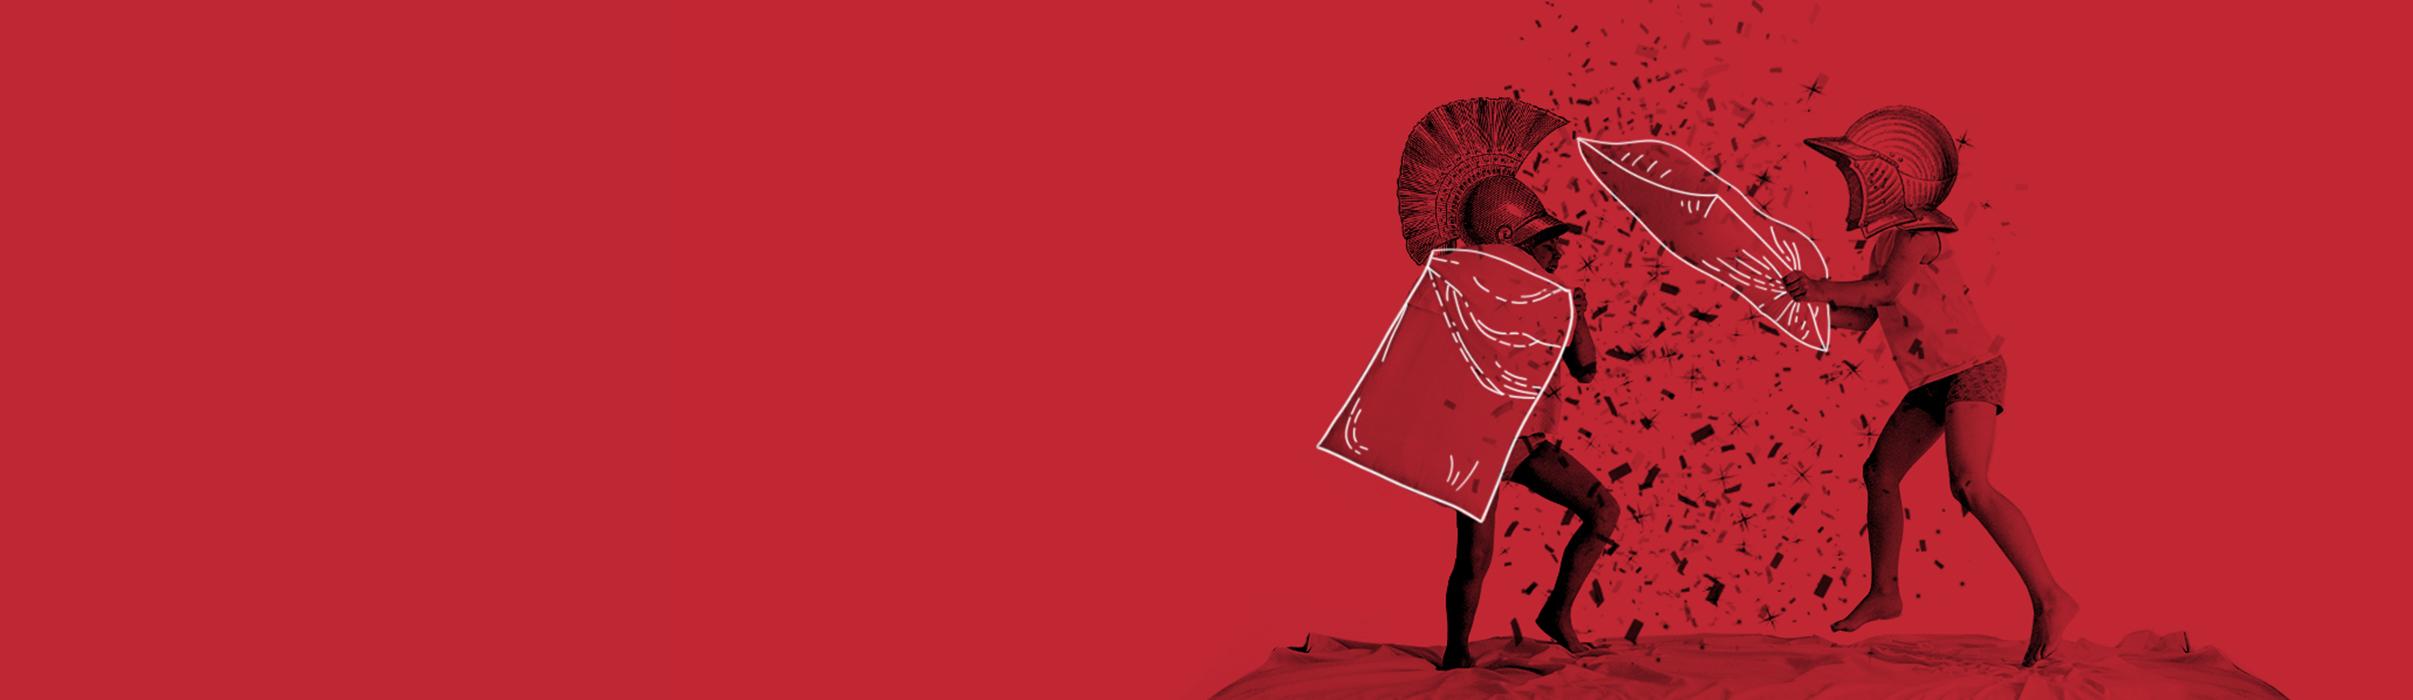 Grafik Gladiator Kissenschlacht